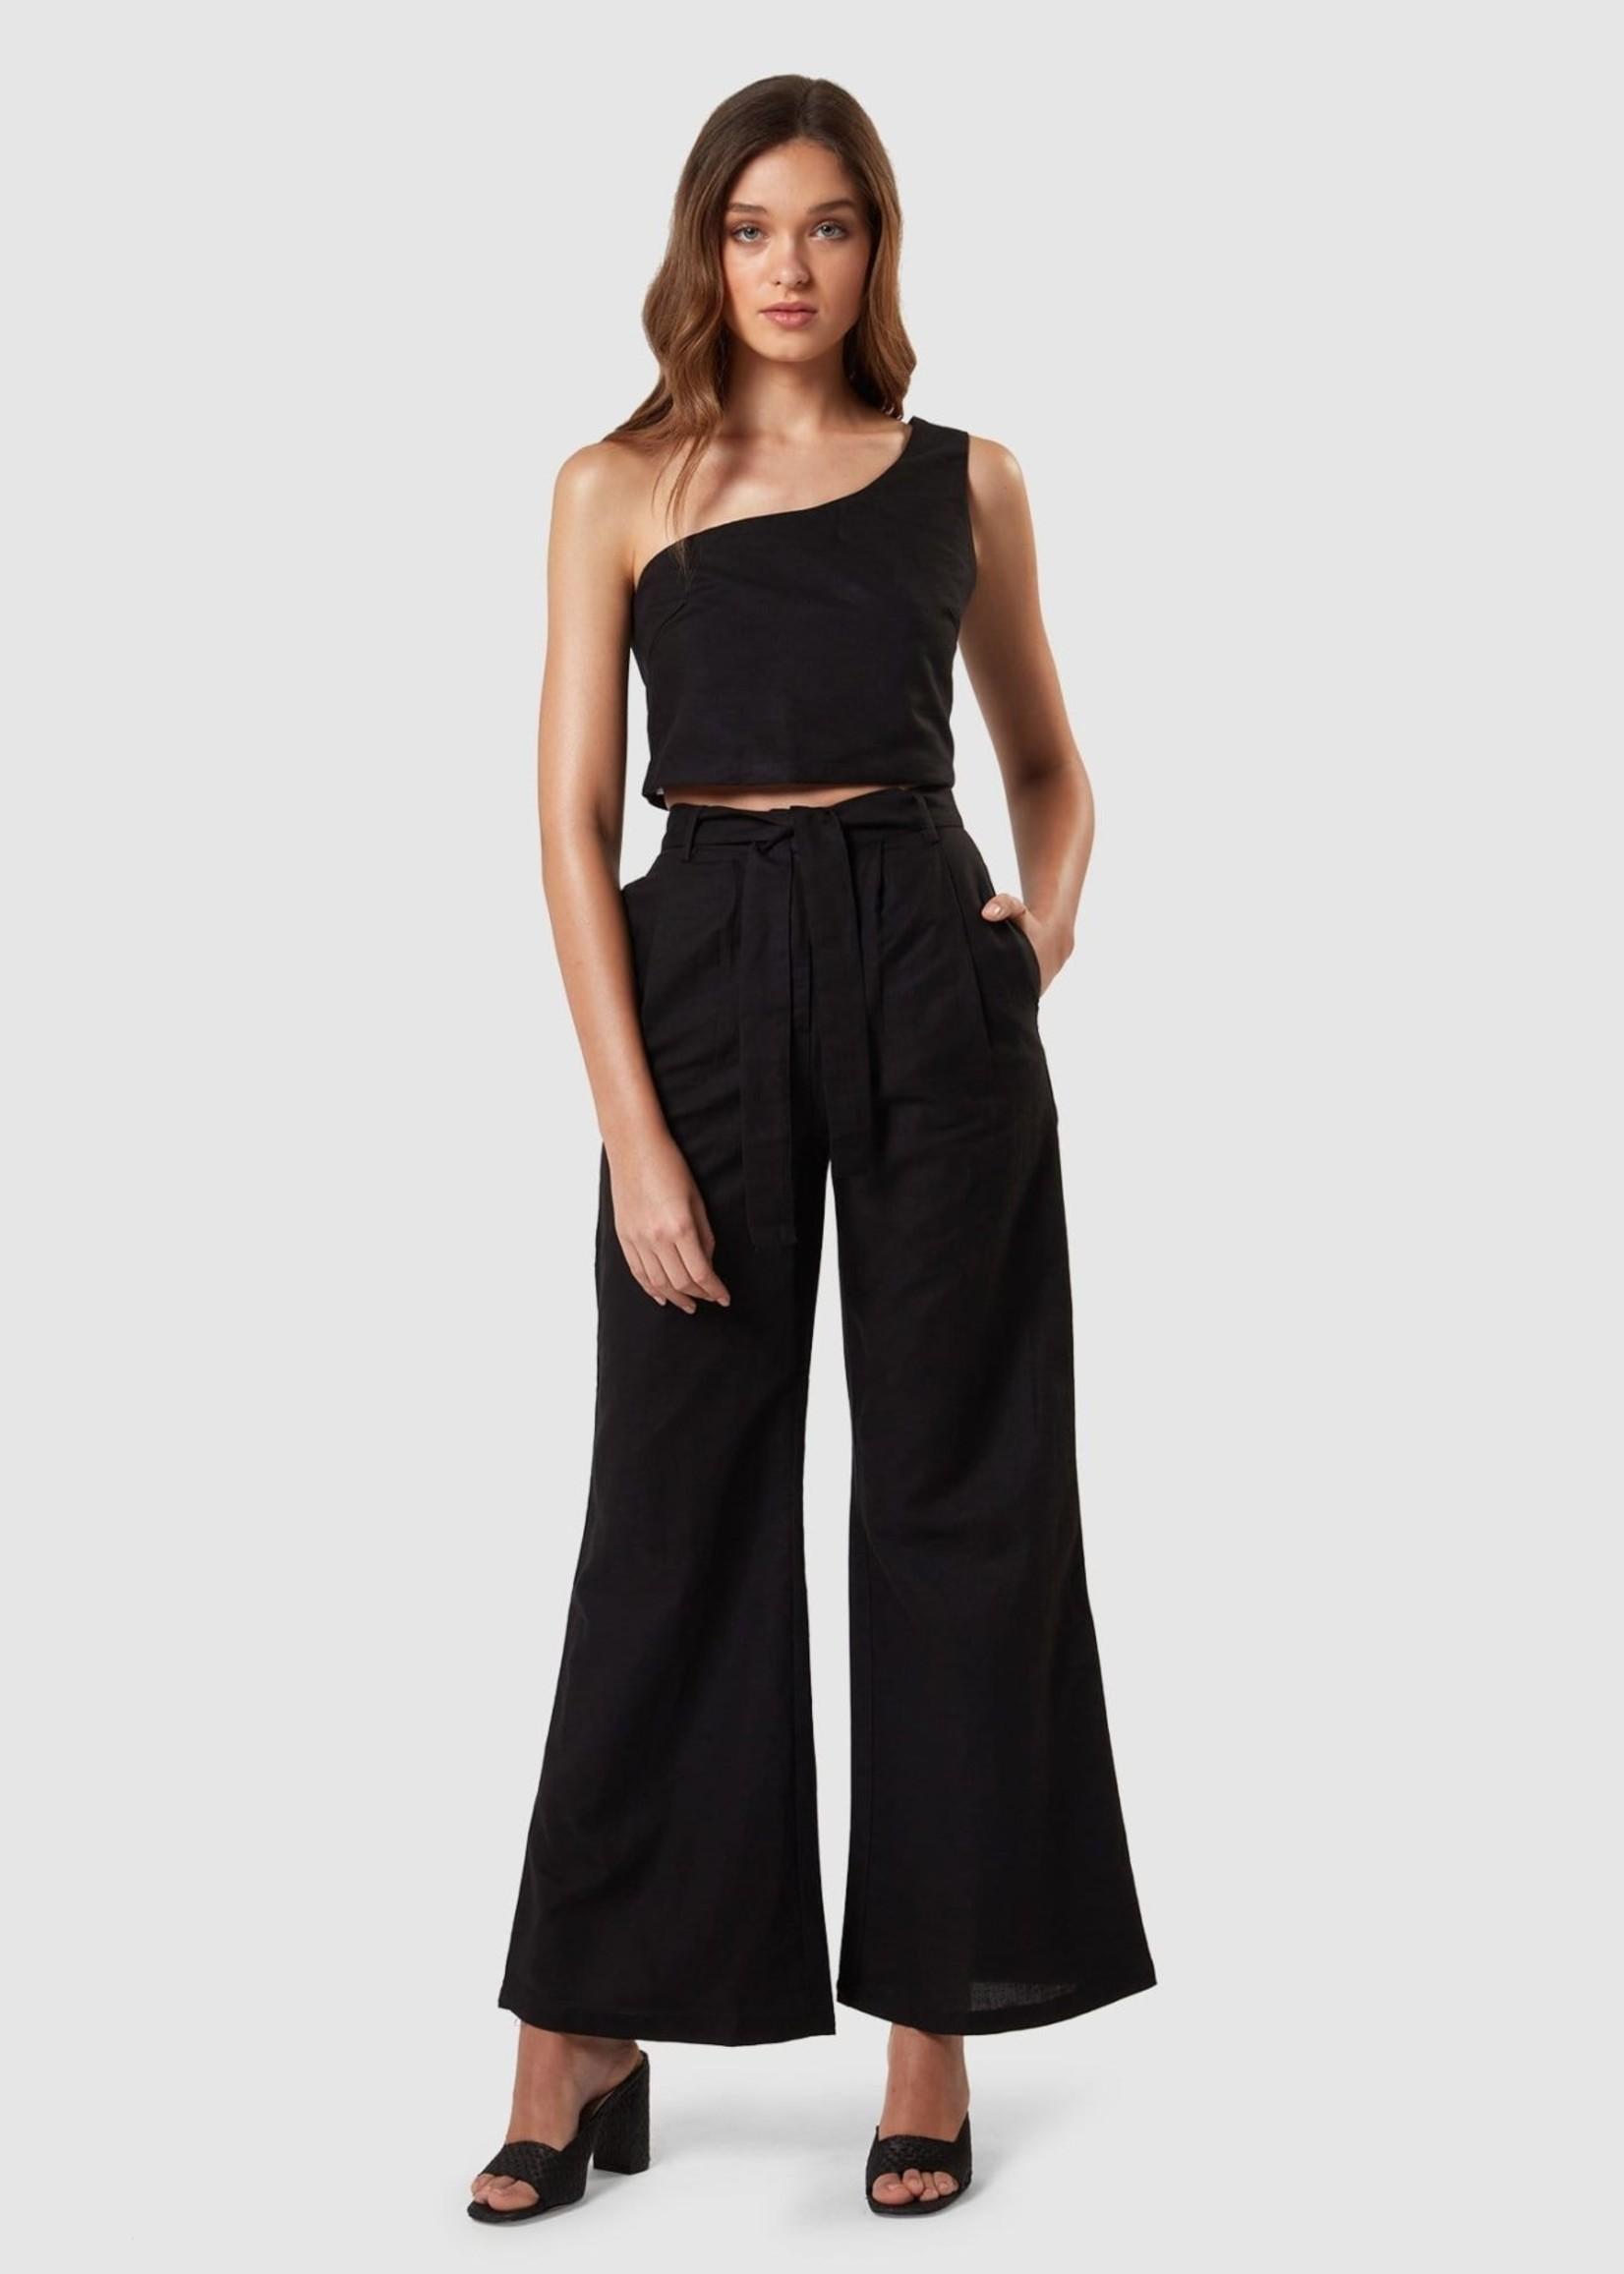 Elitaire Boutique Bask Black Pant